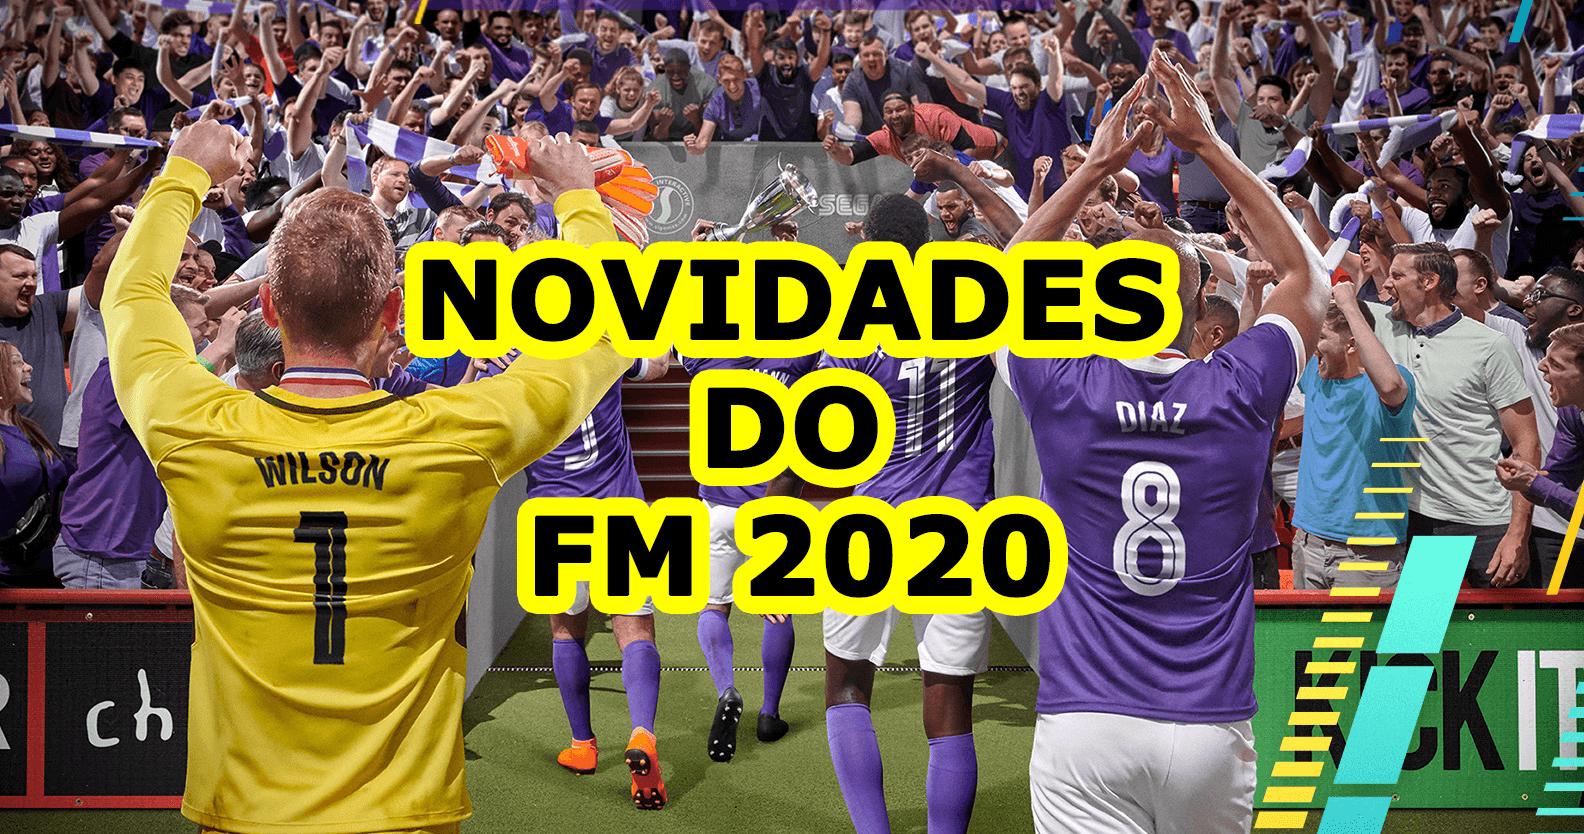 Novidades do FM 2020